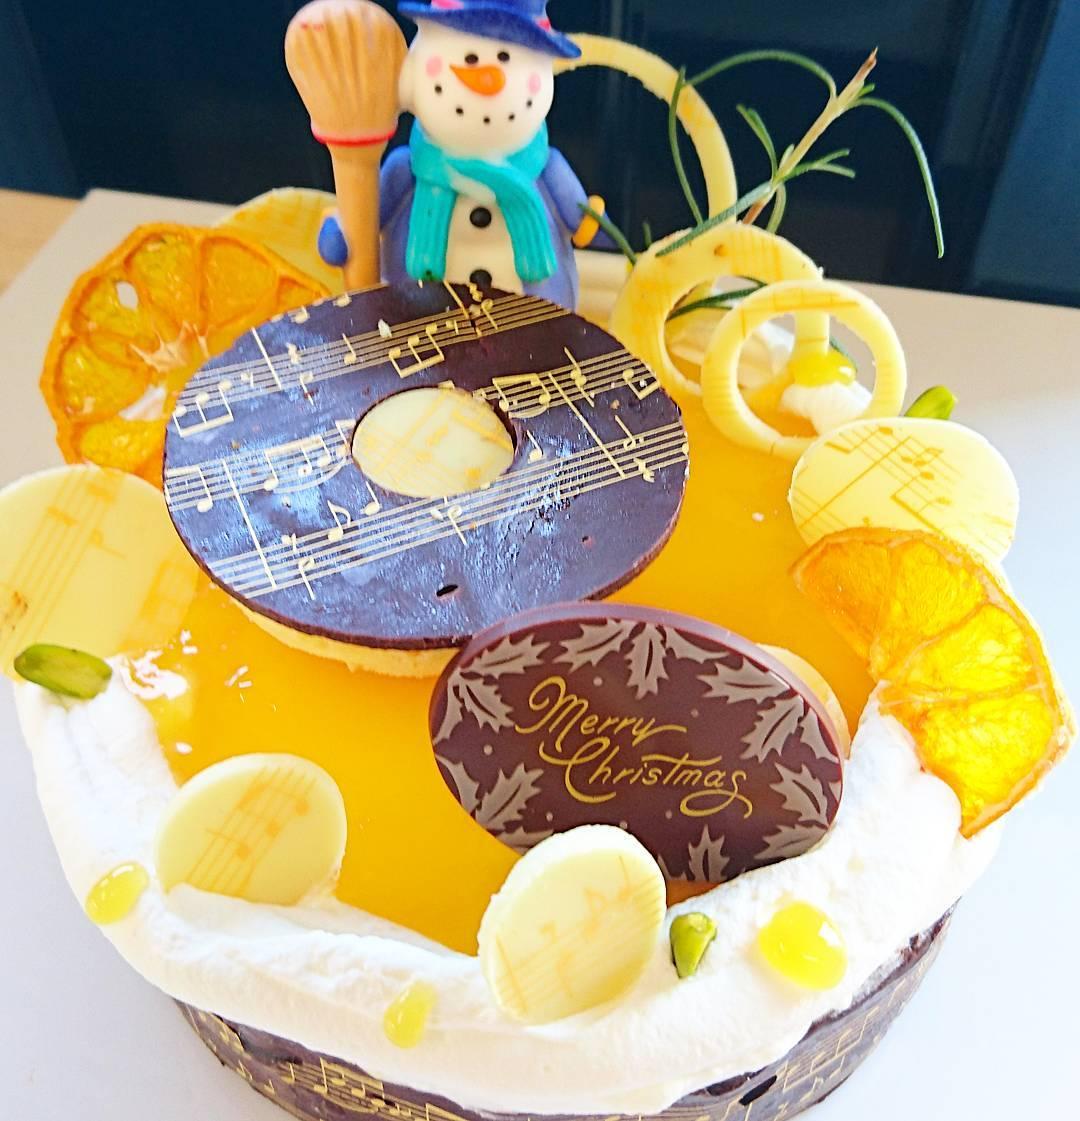 Musi Lover Christmas Cake Design Blurmark